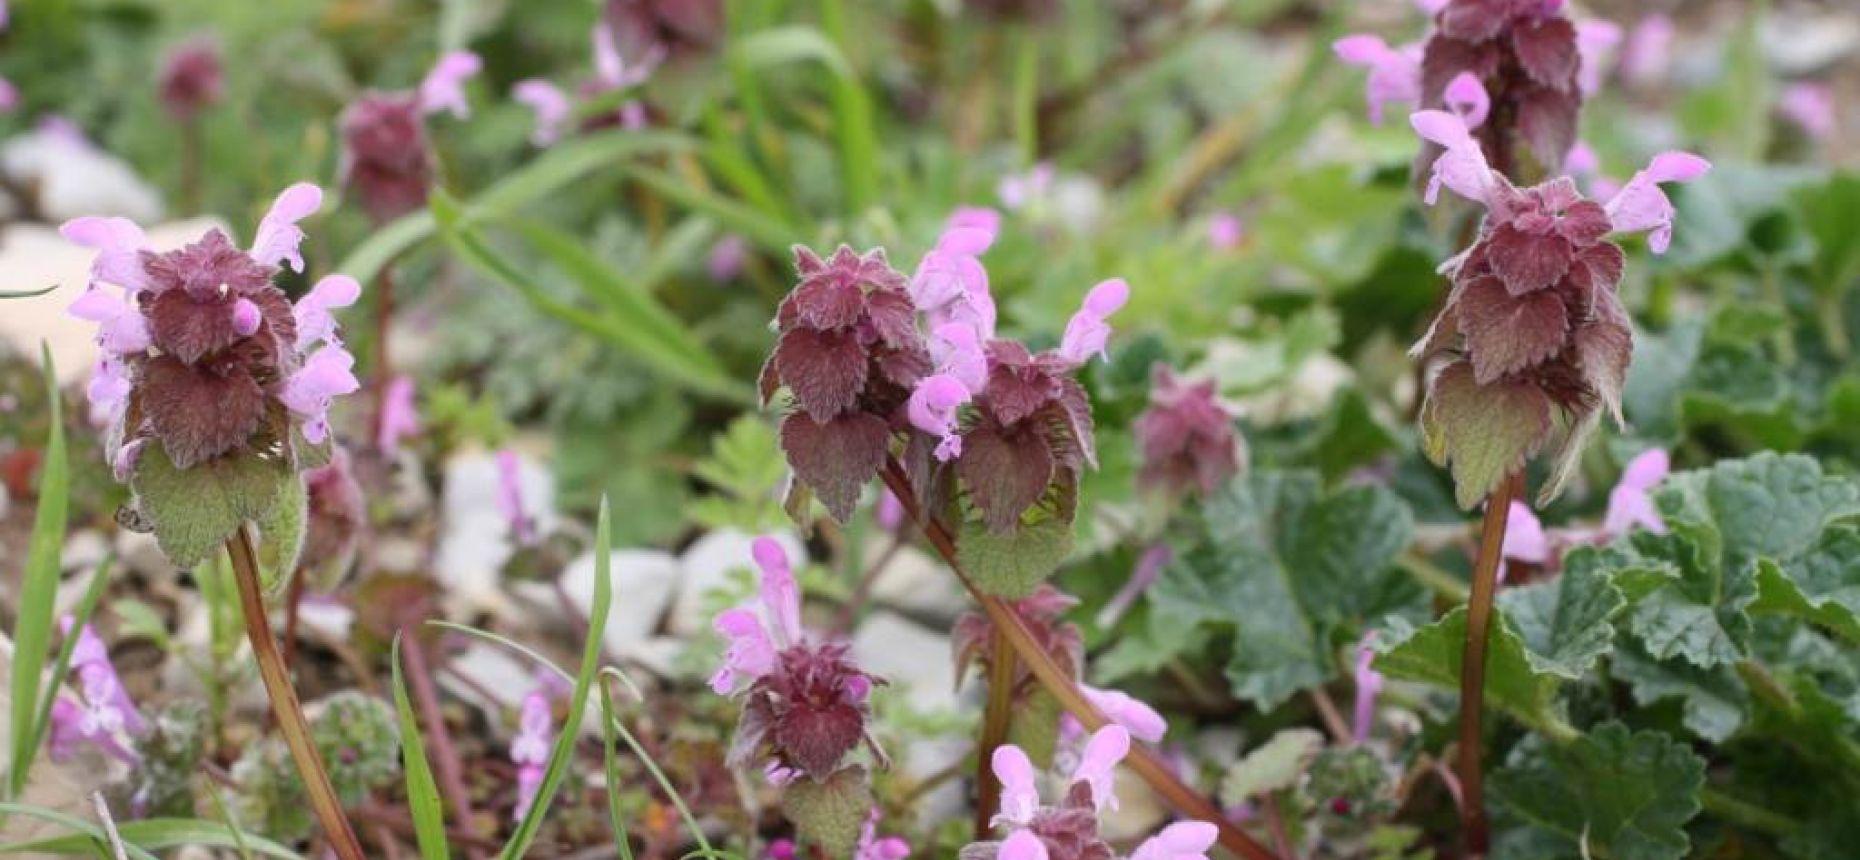 Lamium purpureum L. - Яснотка пурпурная